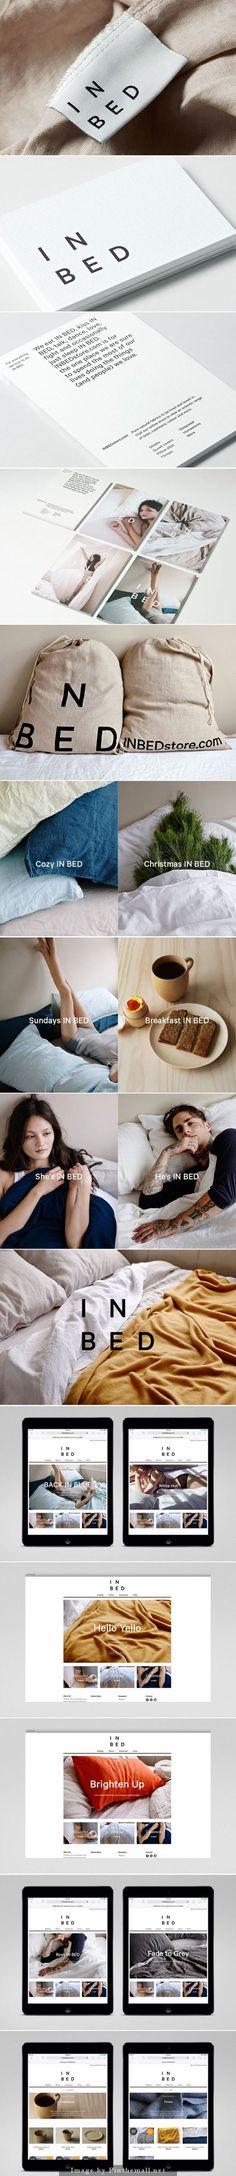 In Bed | Moffitt.Moffitt. Branding identity logo style design www.noemialvarez.com